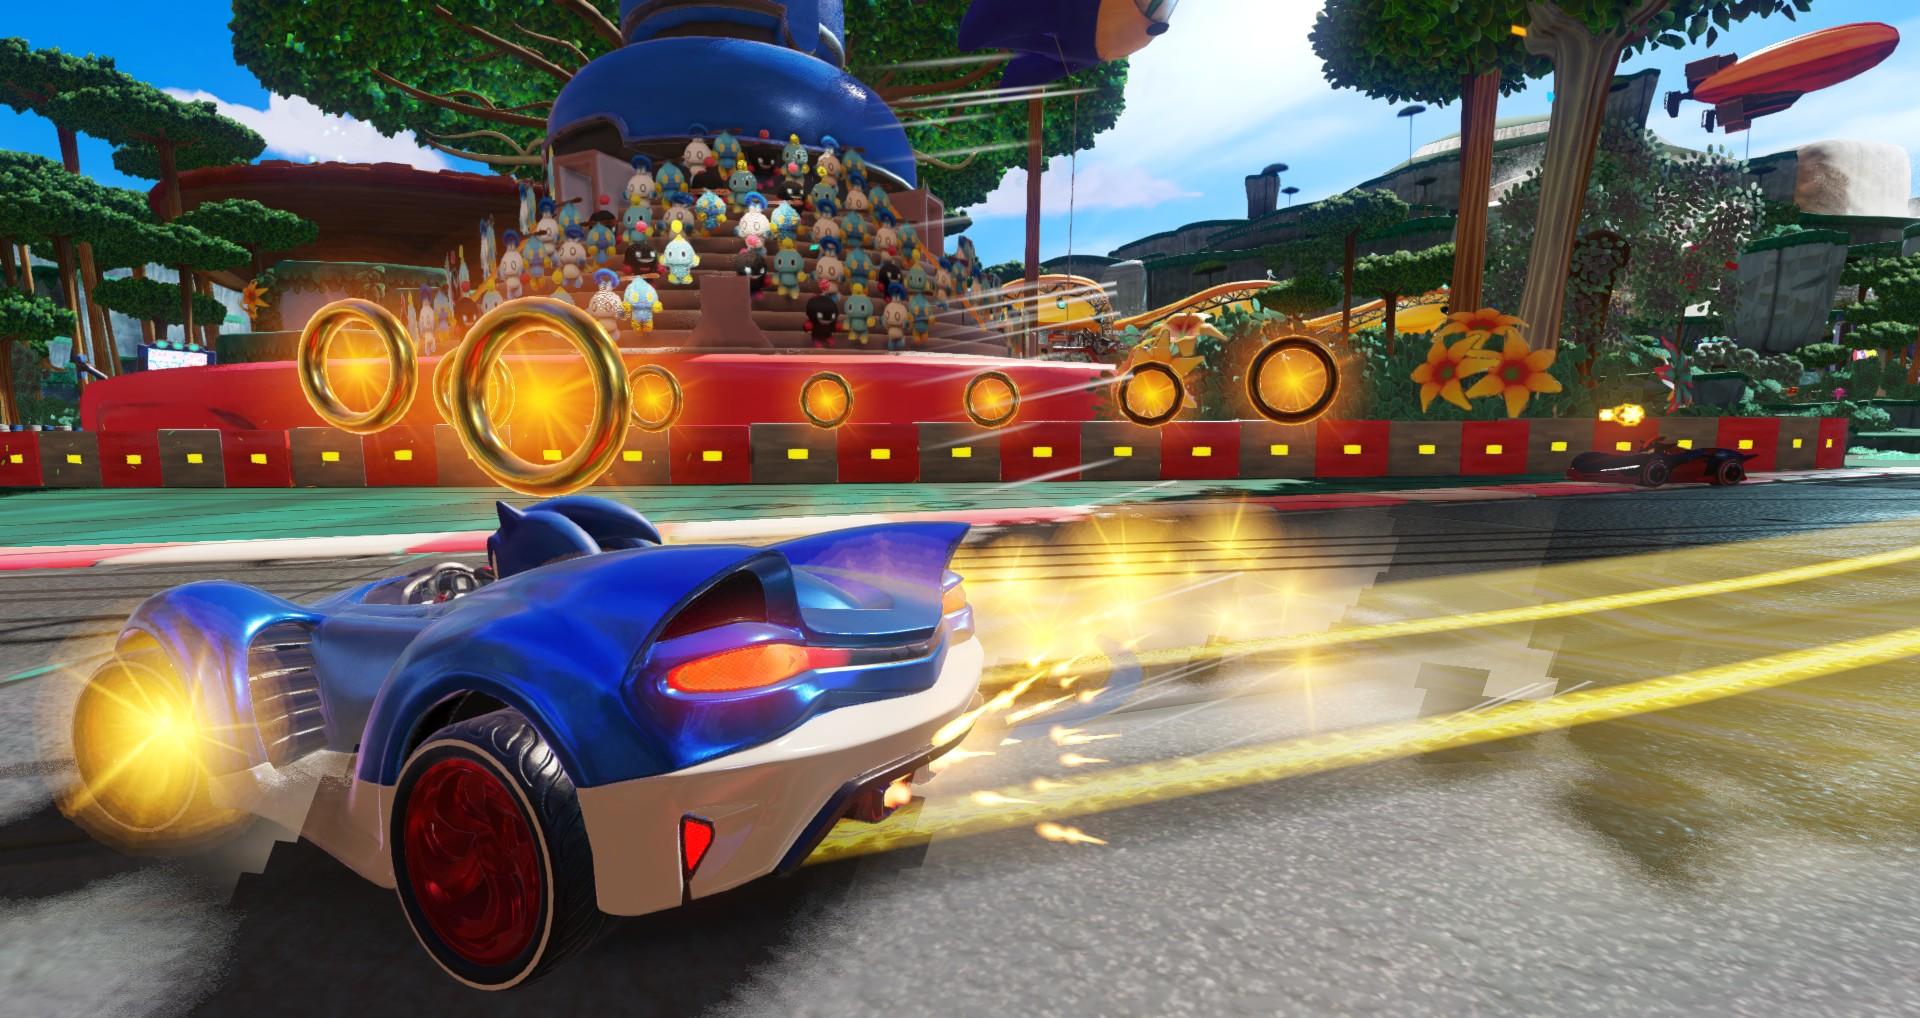 Team-Sonic-Racing_Wal-mart_05-30-18_002.